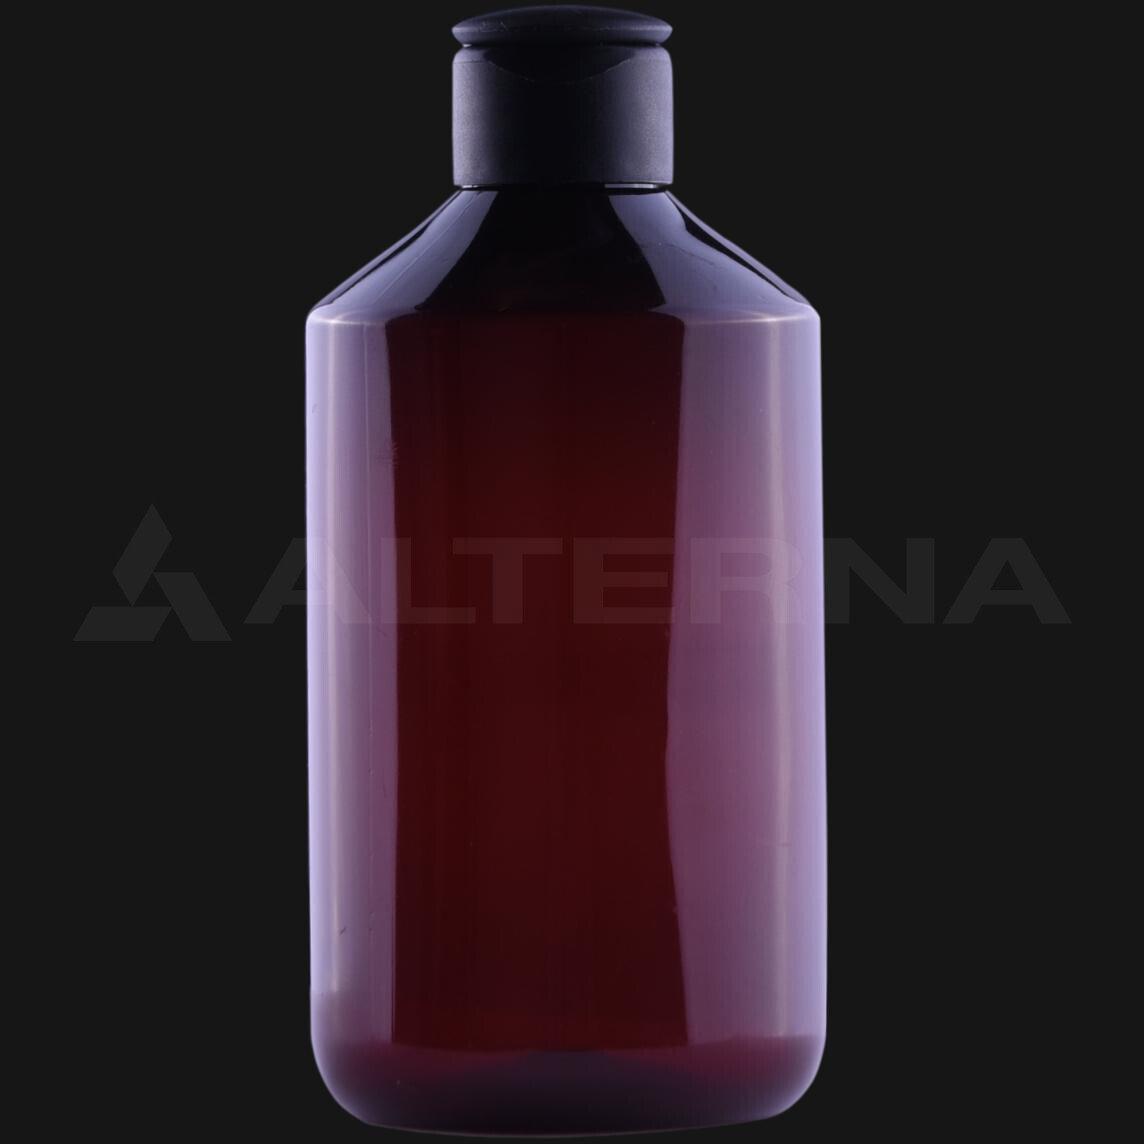 300 ml PET Bottle with 24 mm Flip Top Cap